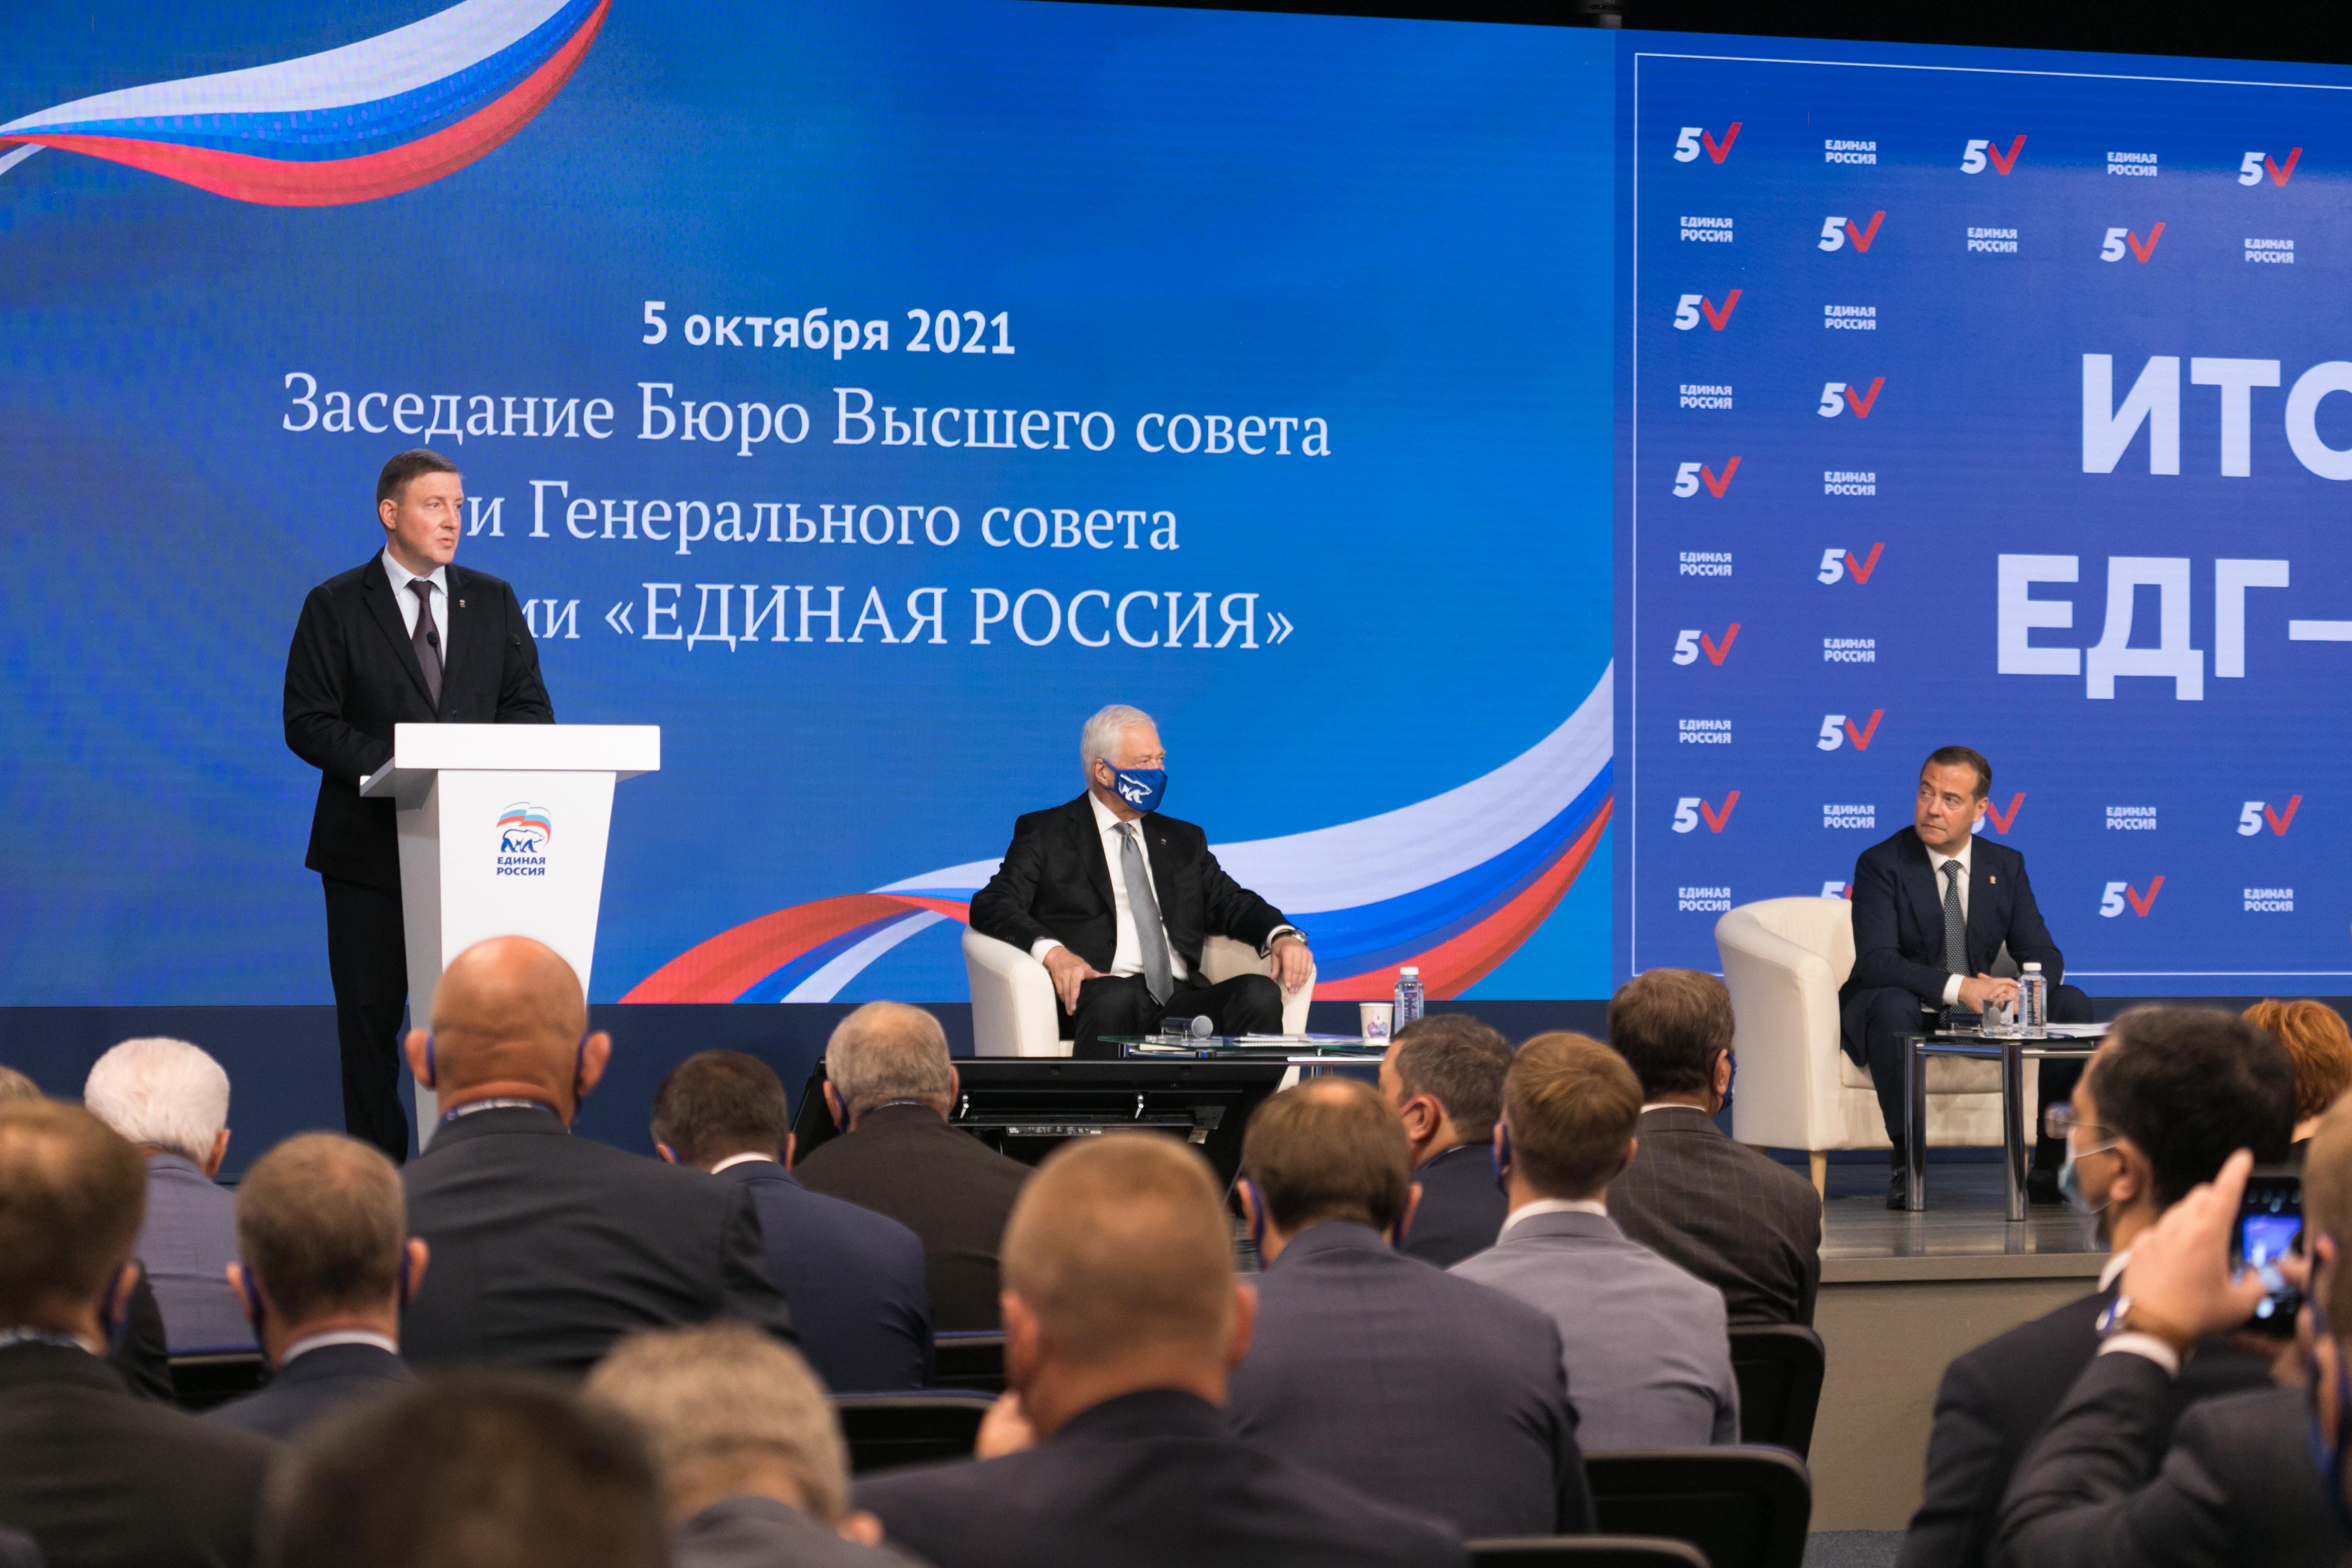 Совместное заседание Бюро Высшего и Генерального советов партии